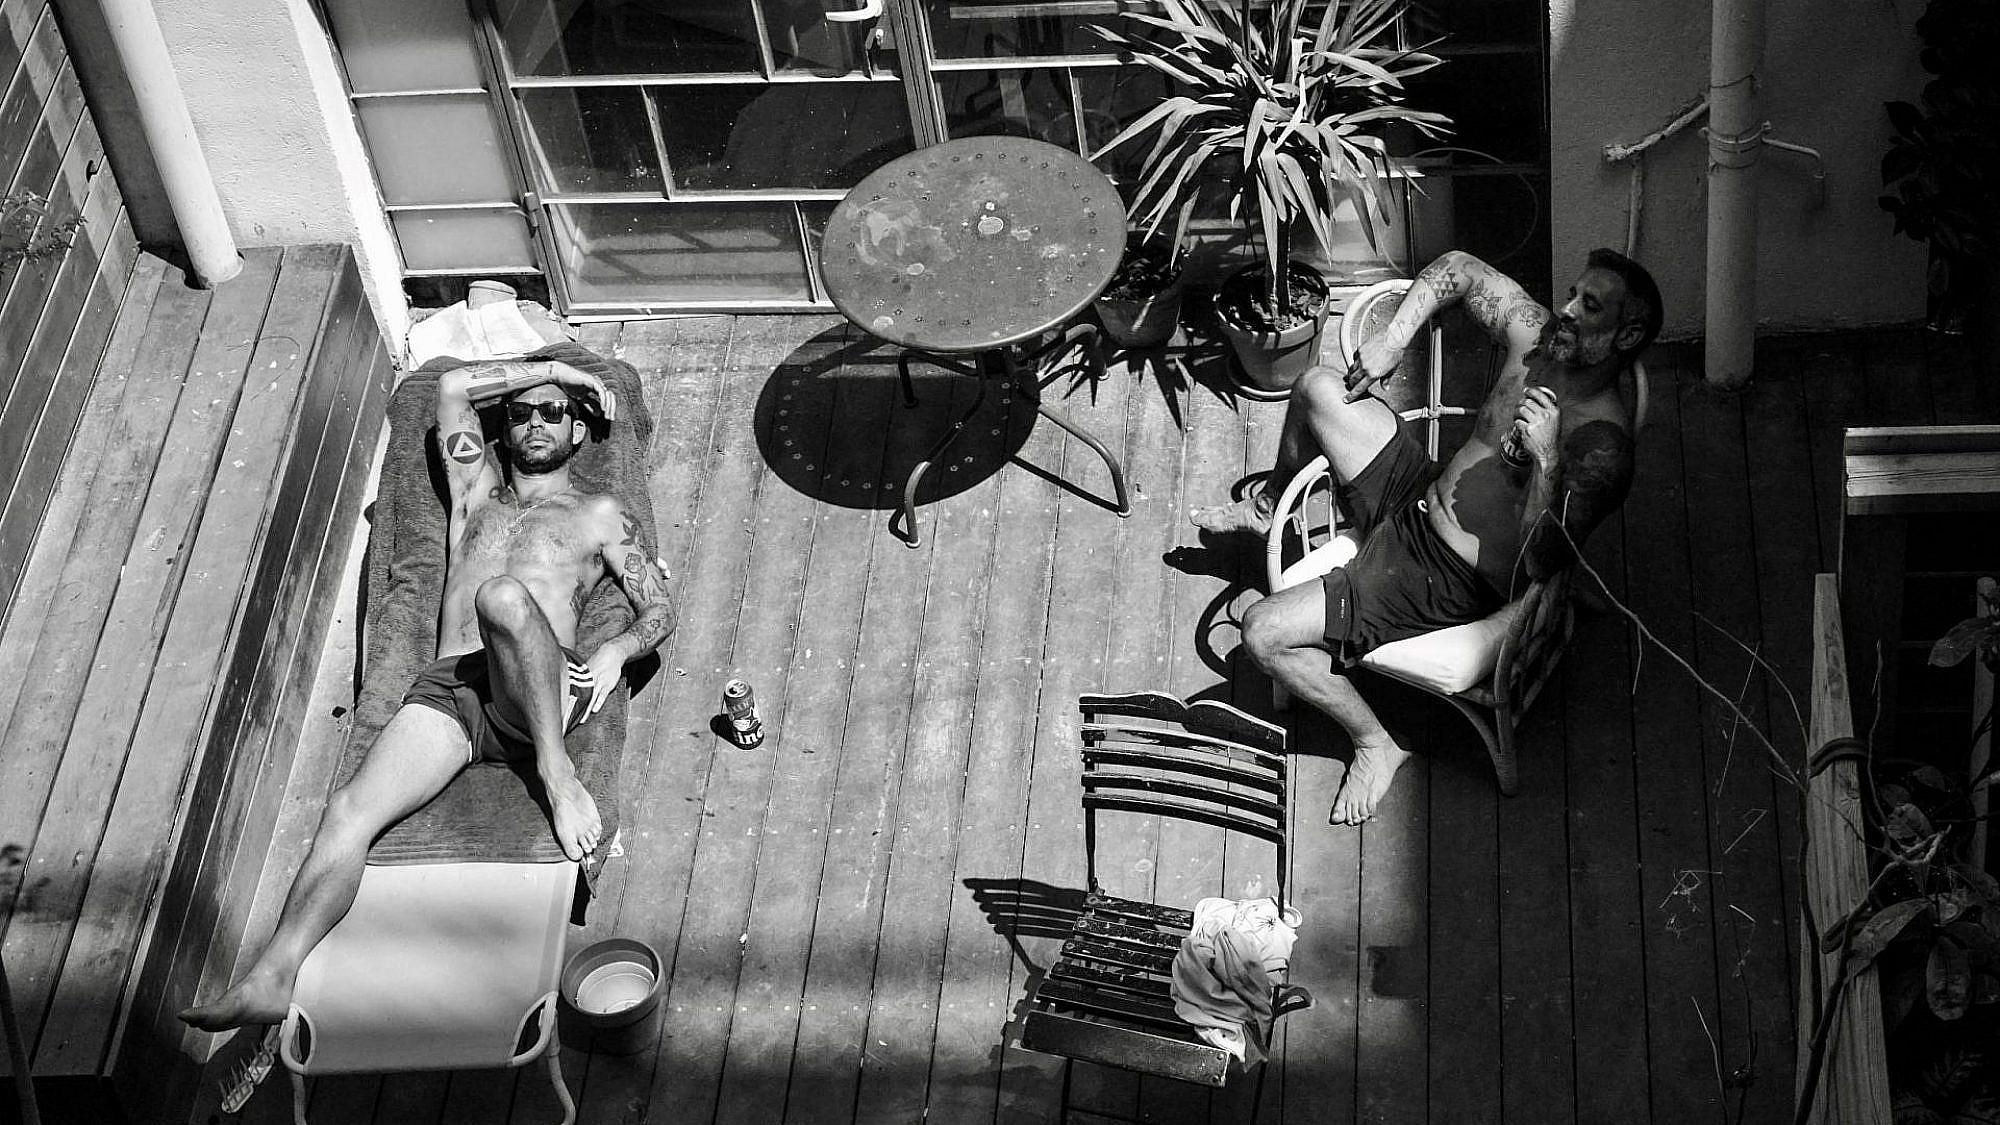 שורפים את הזמן. צילום: מיכל ארבל, שכונת נגה, יפו